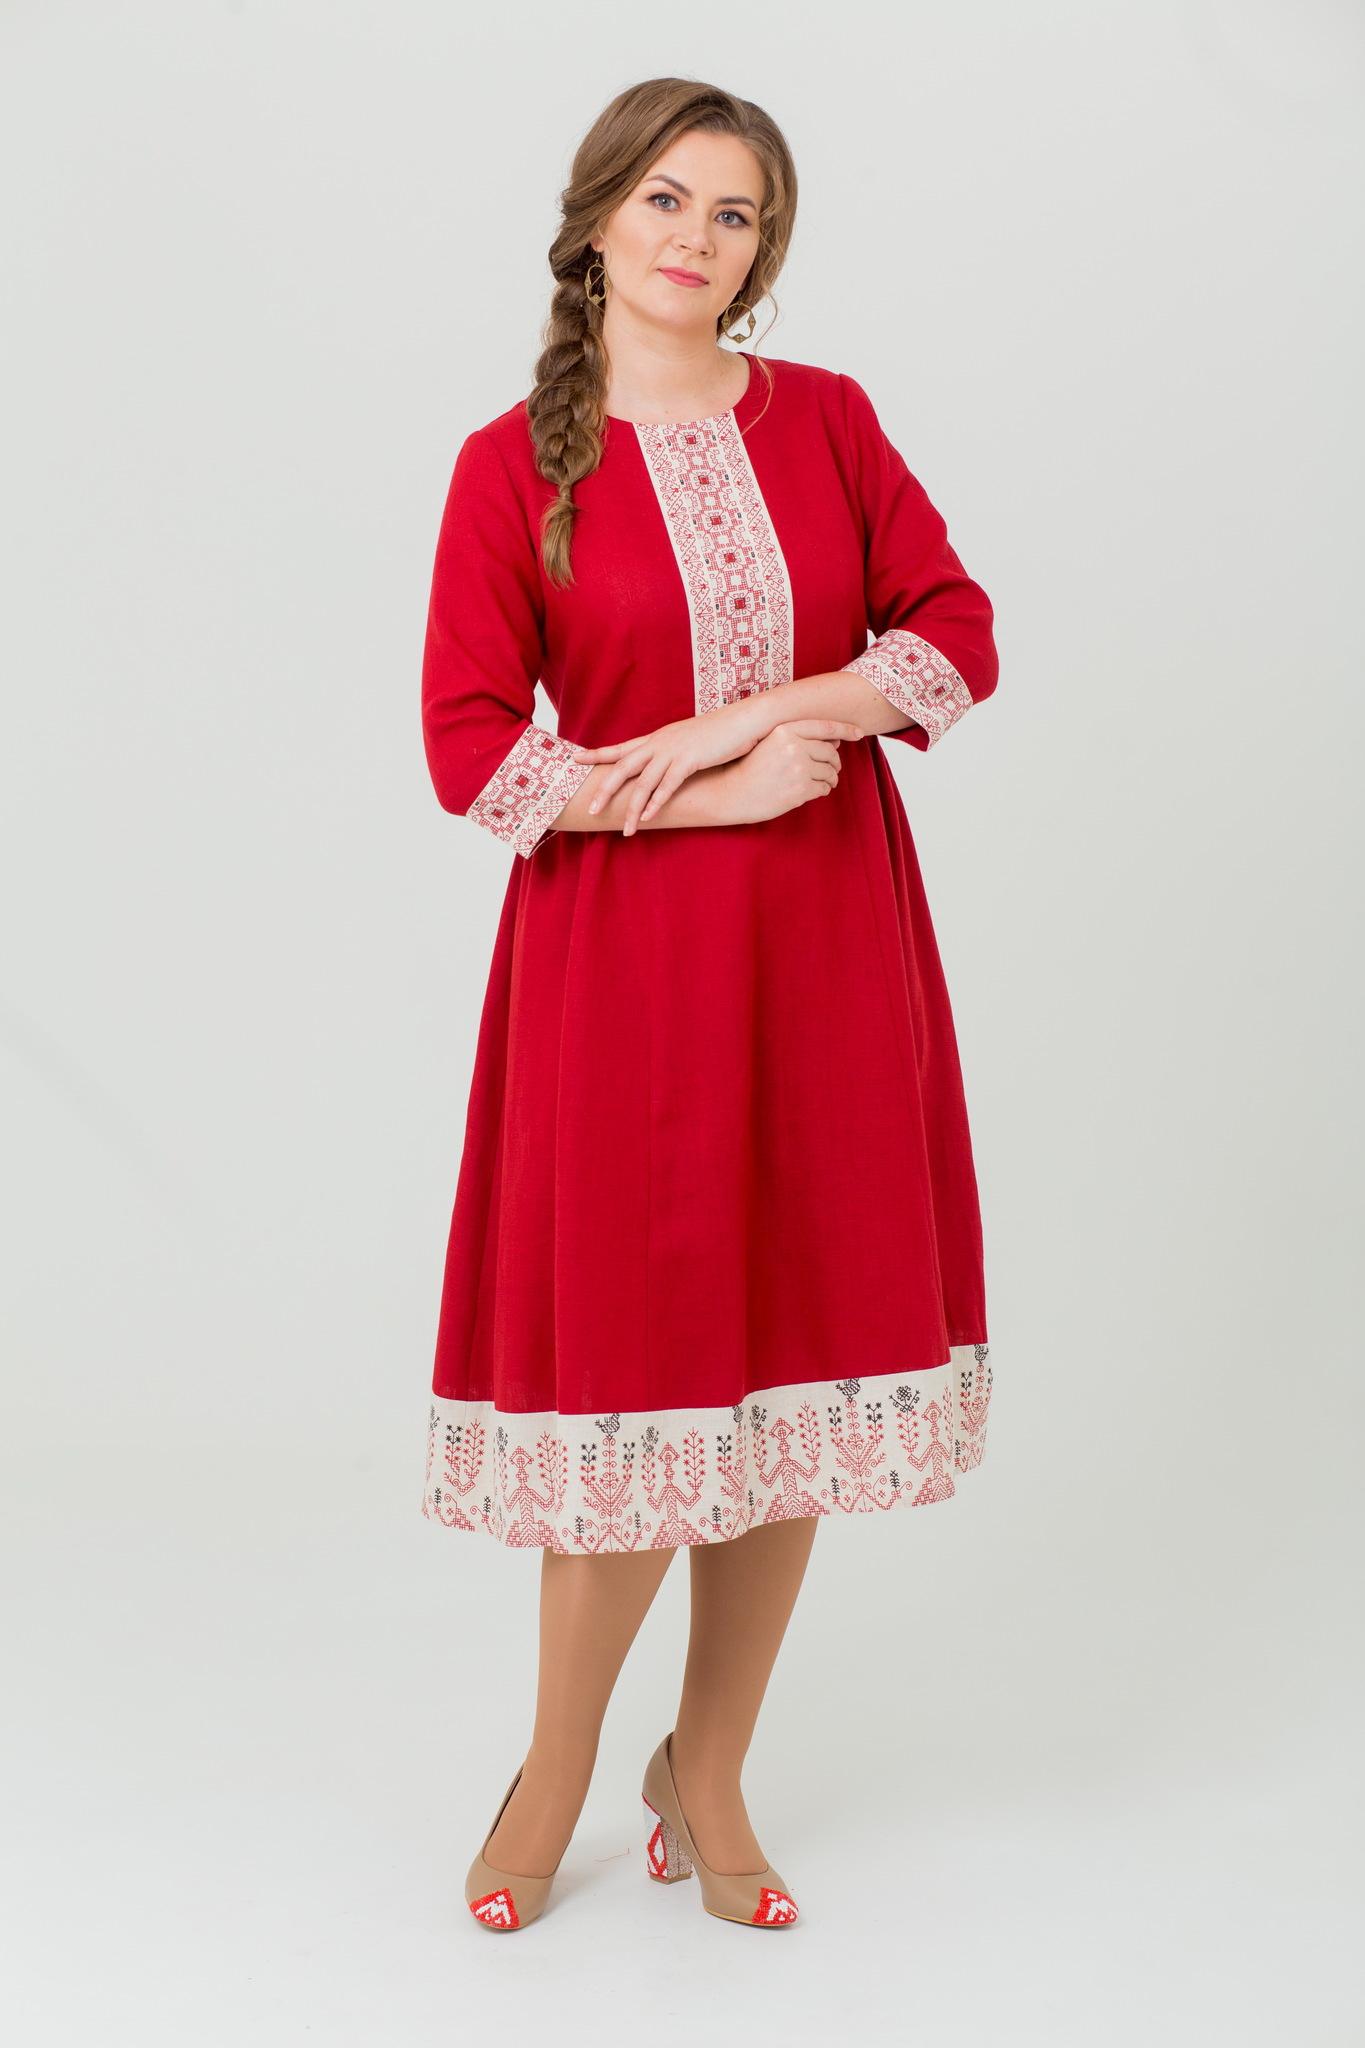 Льняное платье миди Вишнёвый сад из 100% льна